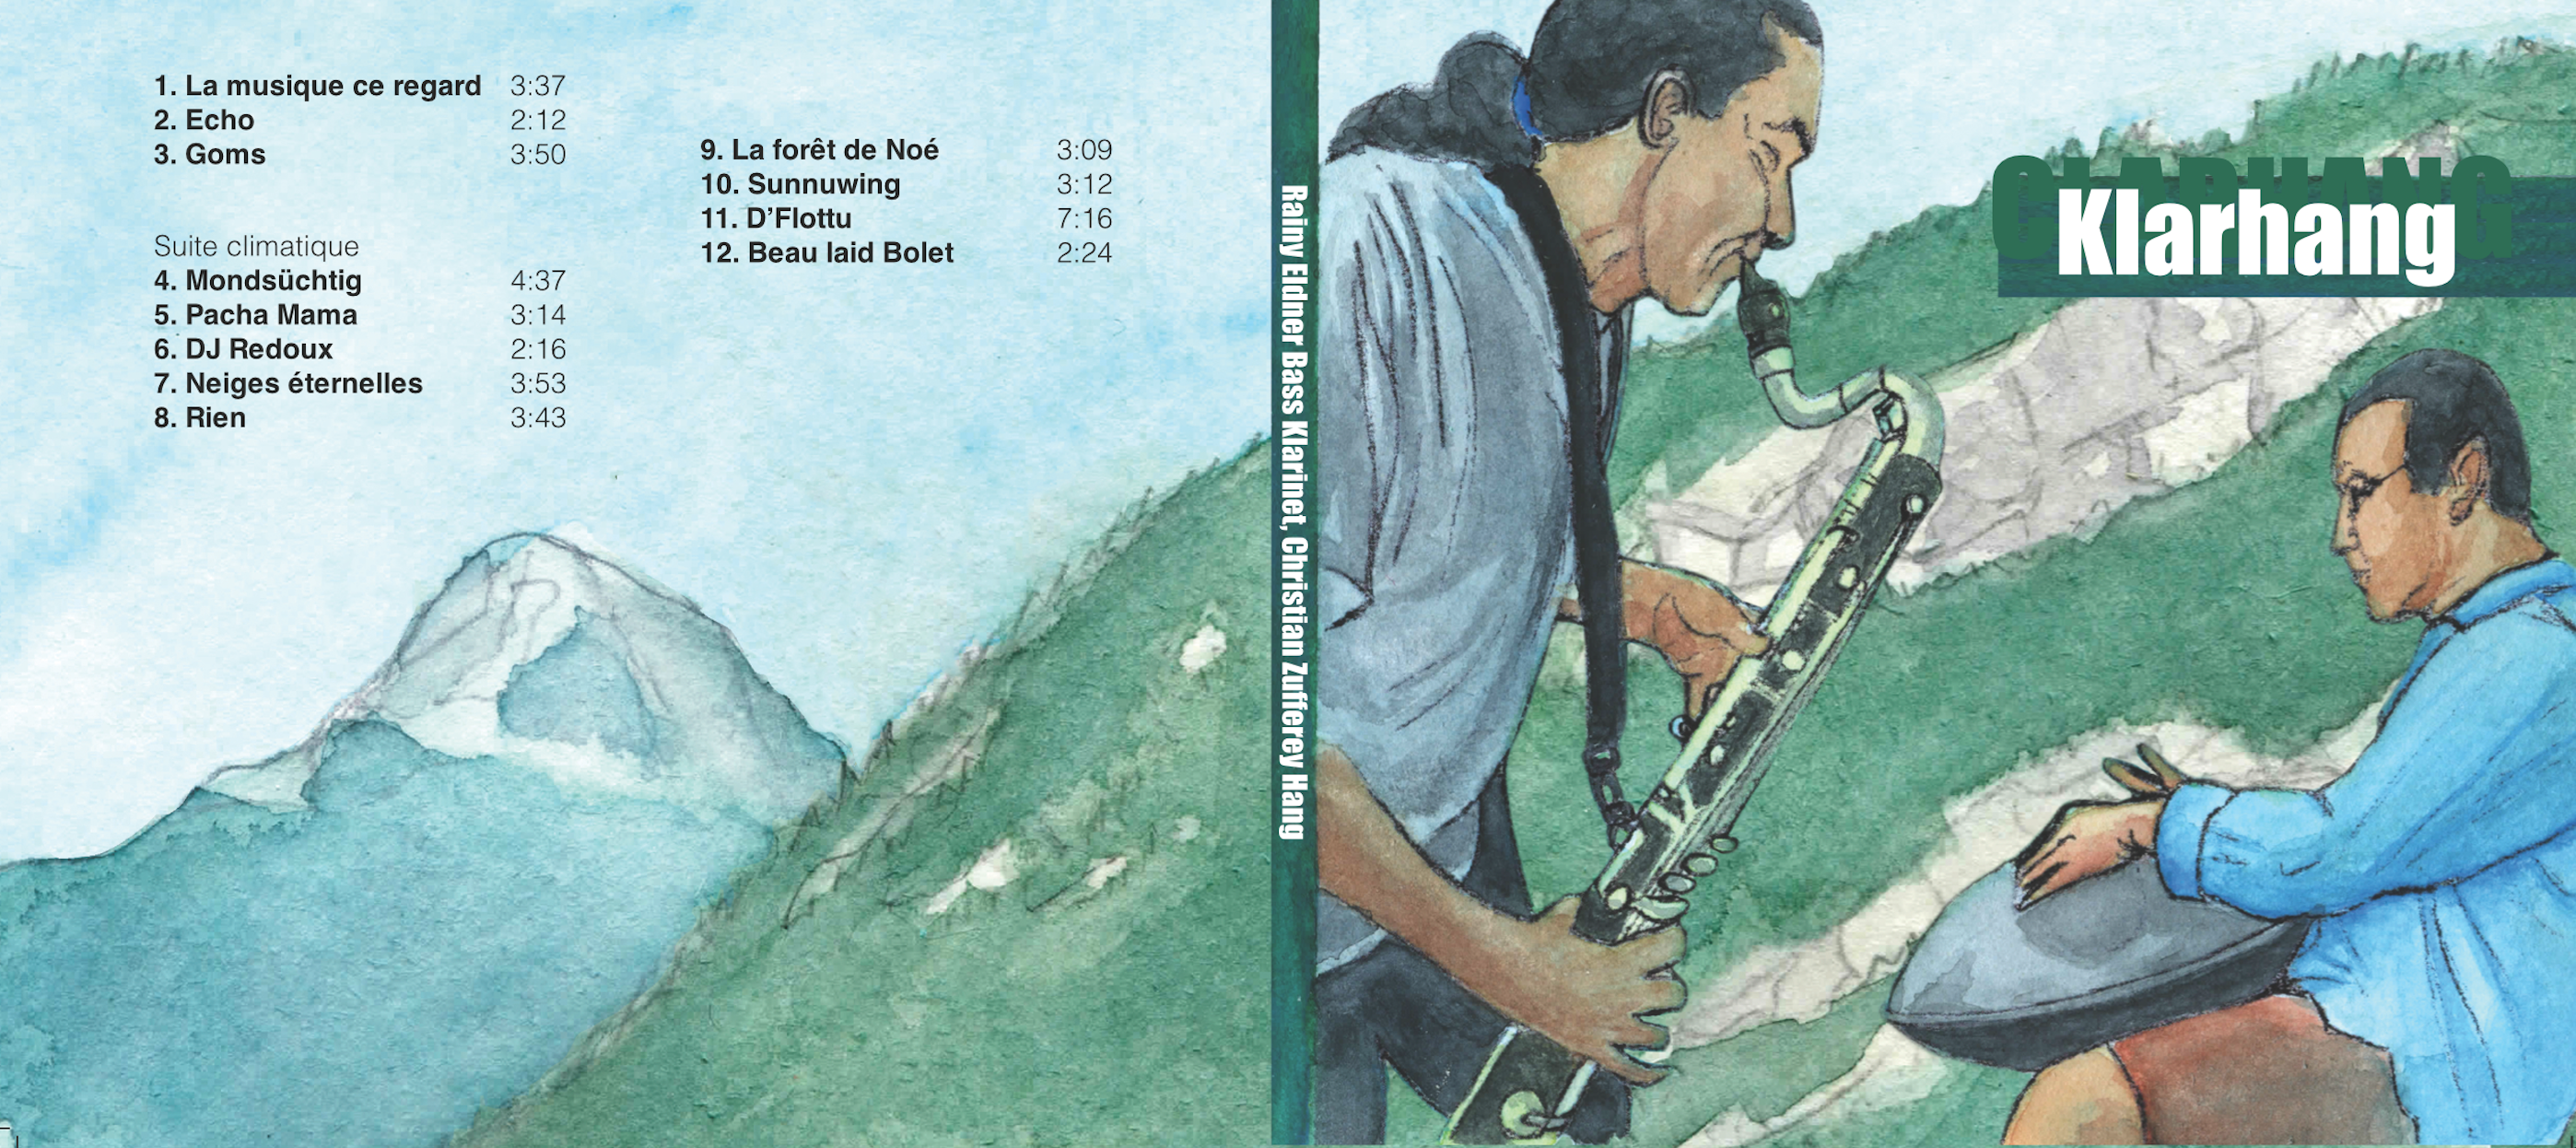 Pochette pour un album CD